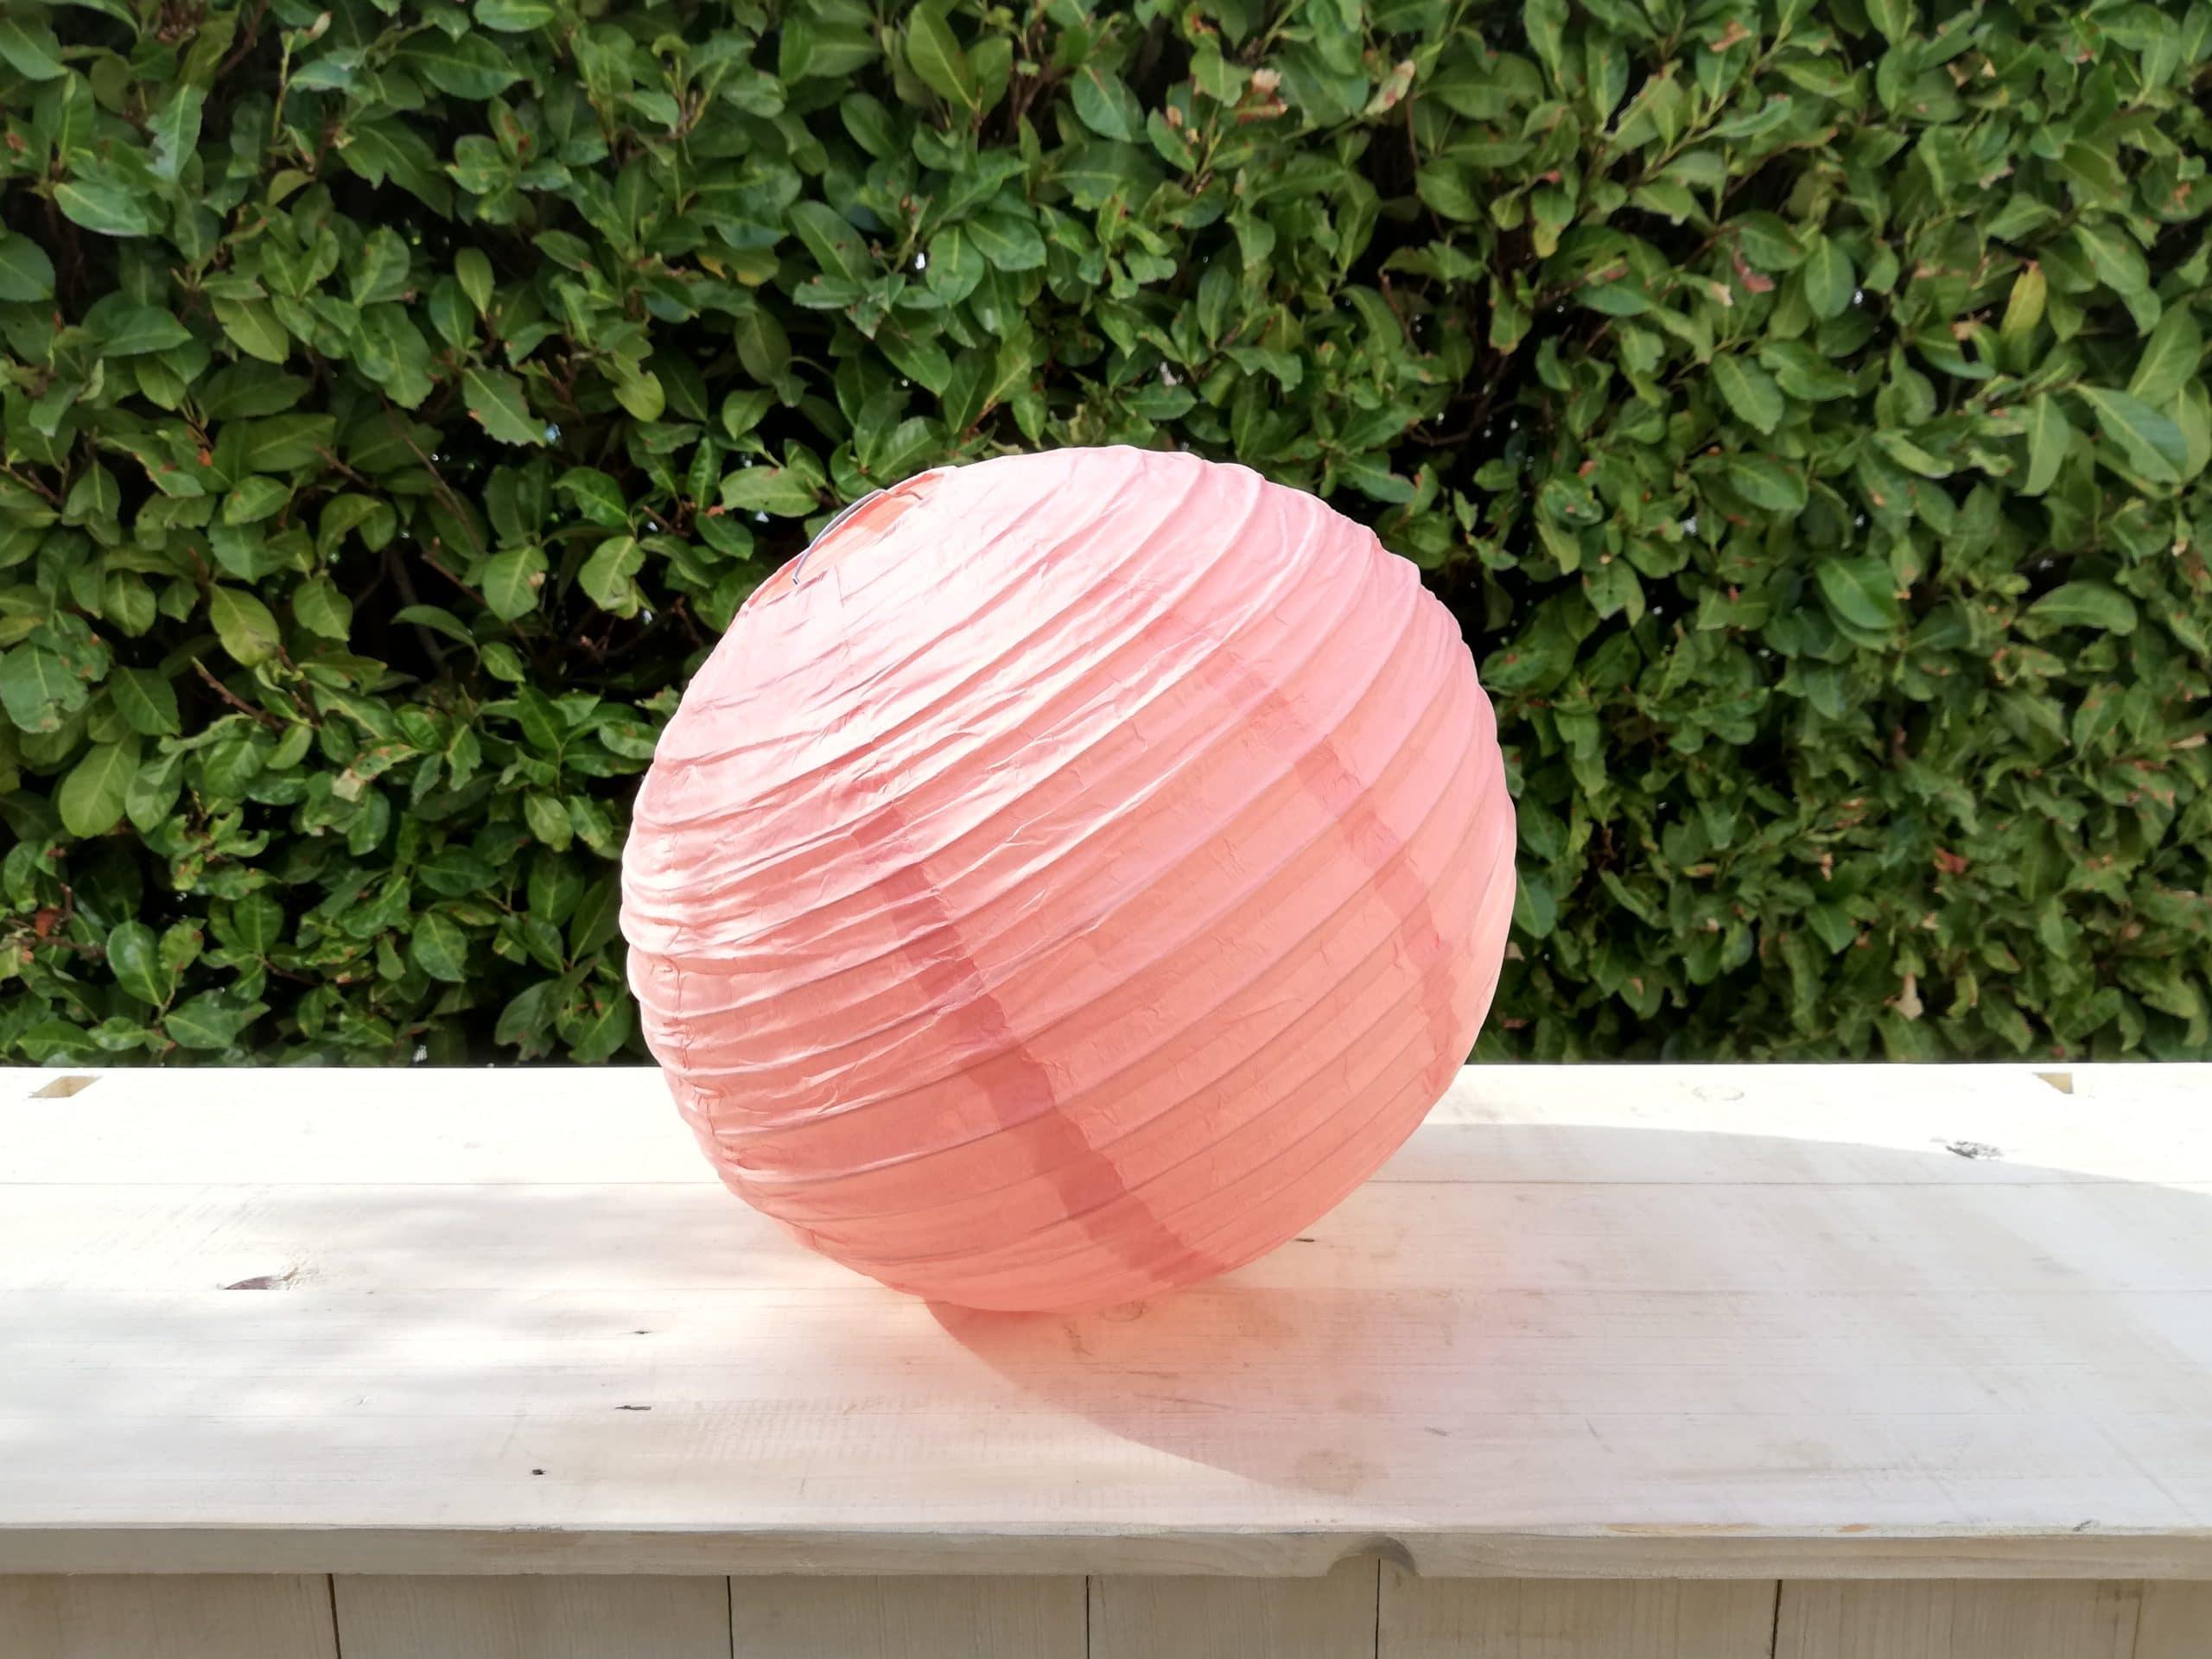 location de boules chinoises corail pour décoration de mariage proposées par esprit pop'up